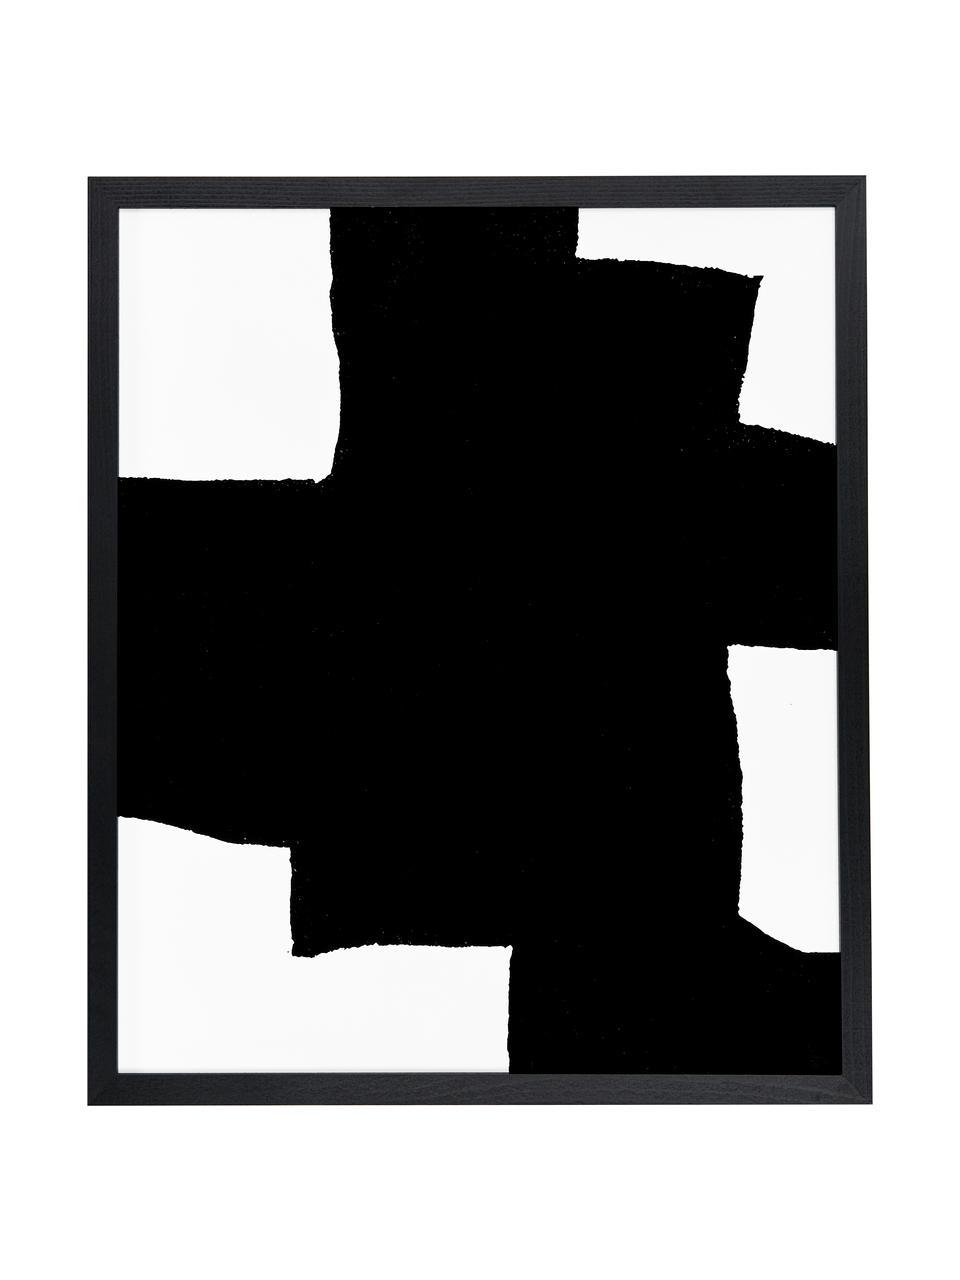 Gerahmter Digitaldruck From Above, Bild: Digitaldruck auf Papier, , Rahmen: Buchenholz, lackiert, Front: Plexiglas, Schwarz, Weiß, 53 x 63 cm